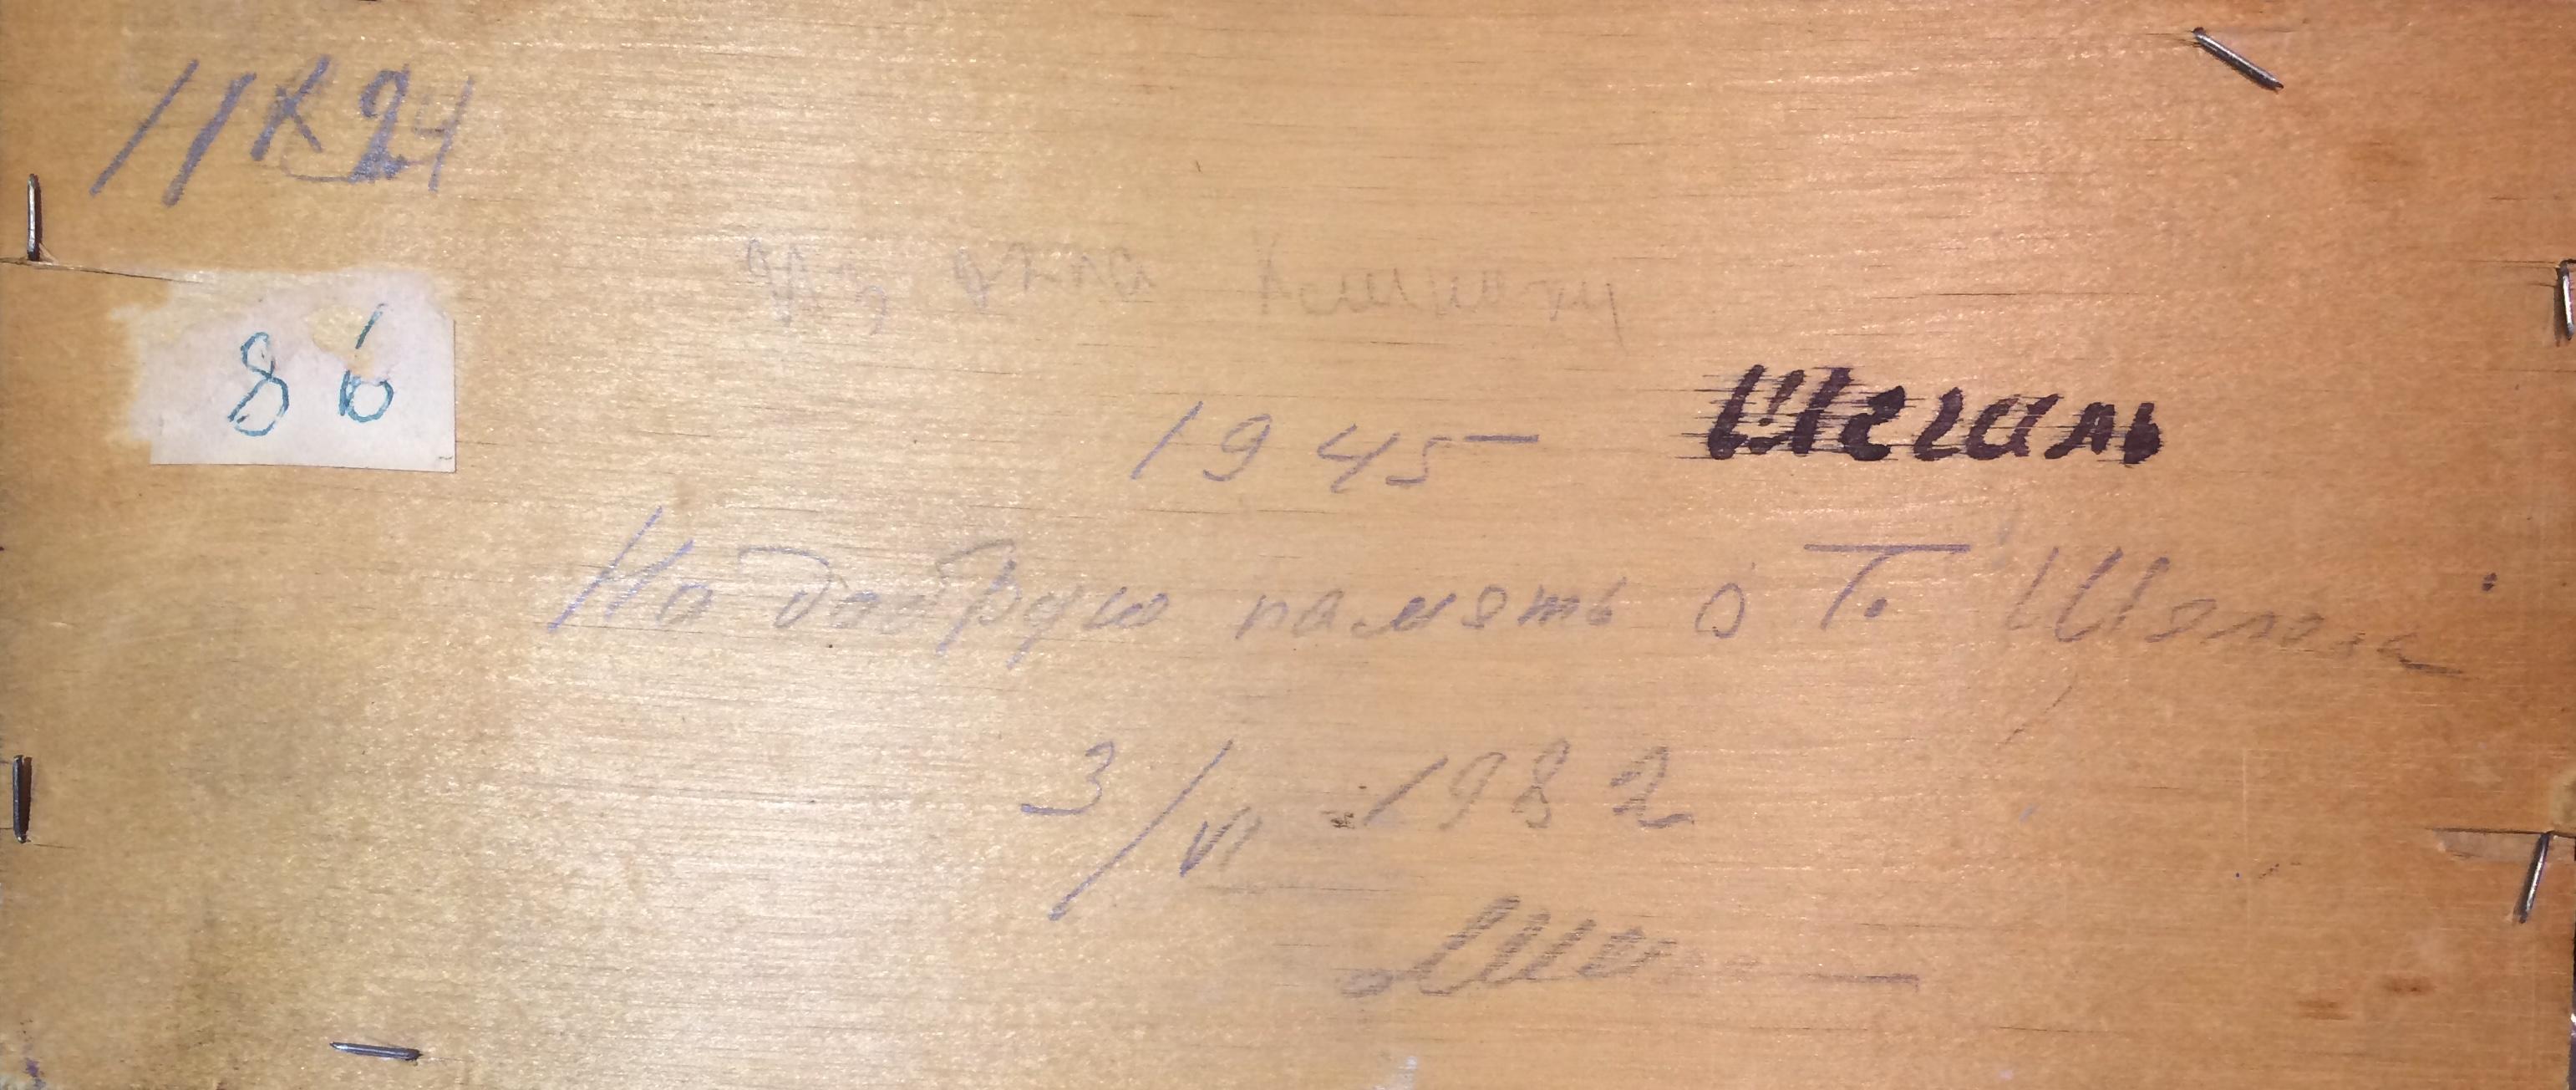 Оборот. Шегаль Григорий Михайлович. Из окна клиники.